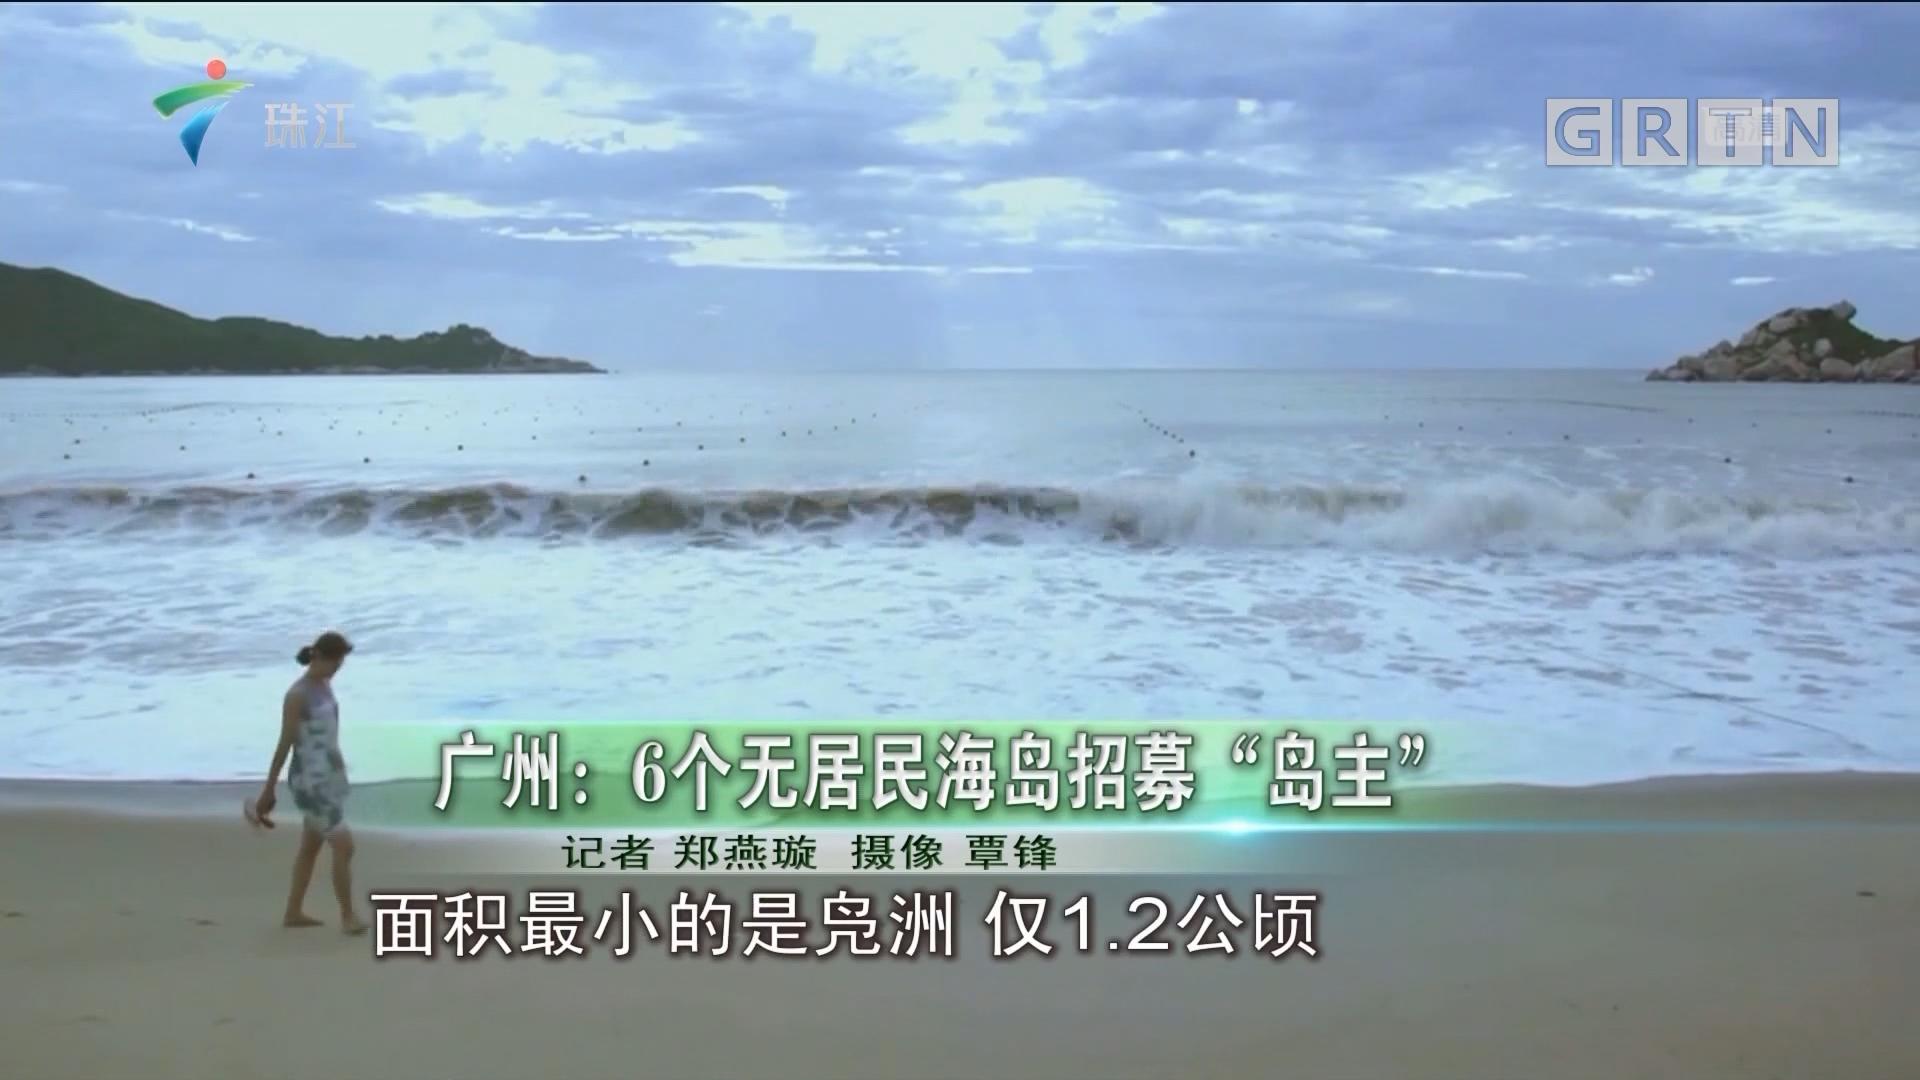 """广州:6个无居民海岛招募""""岛主"""""""